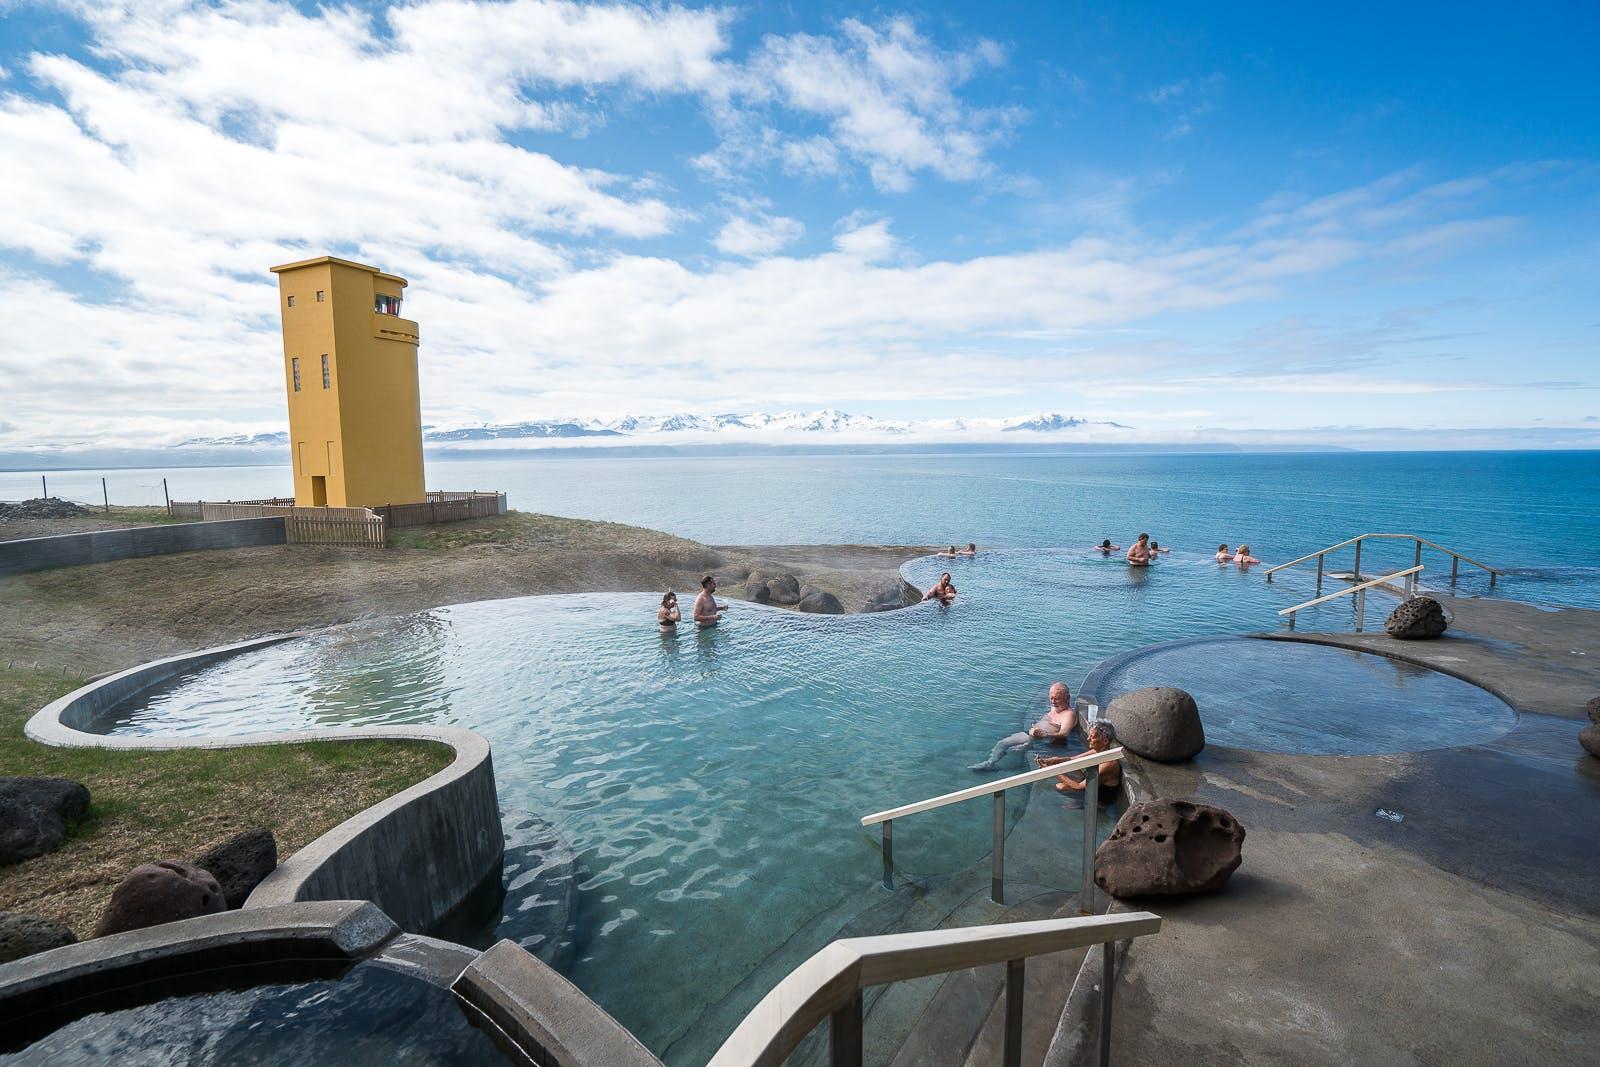 Relaxing at GeoSea in Húsavík